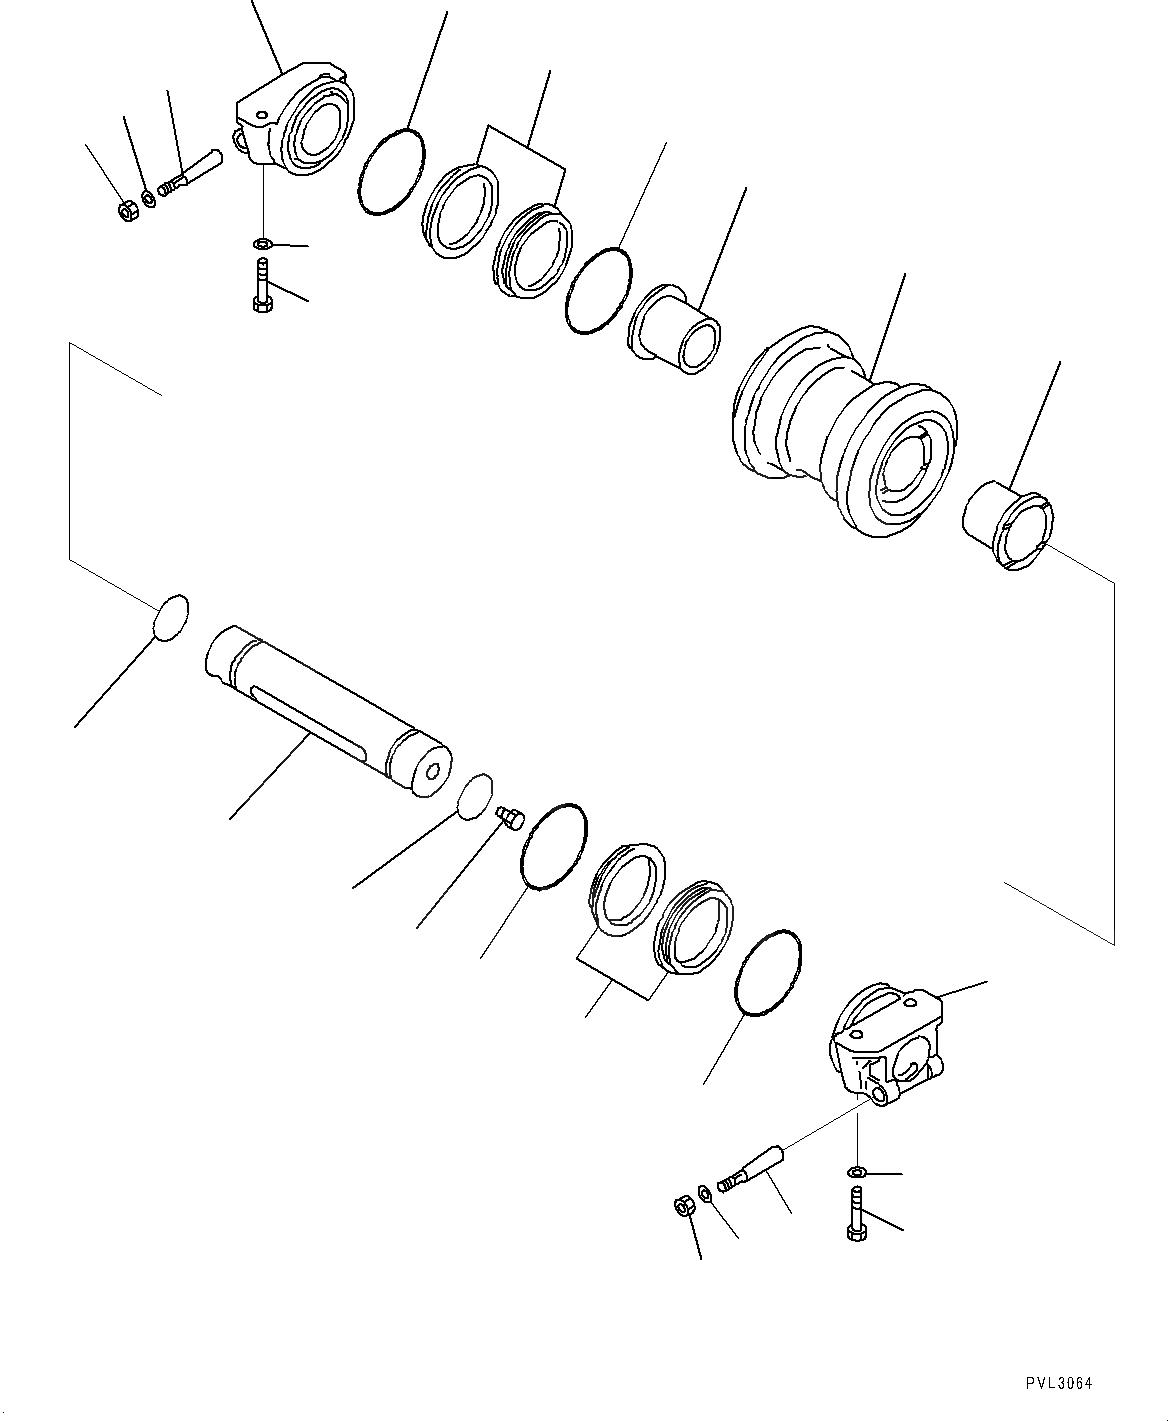 21T-30-00550 Komatsu ОПОРНЫЙ КАТОК В СБОРЕ